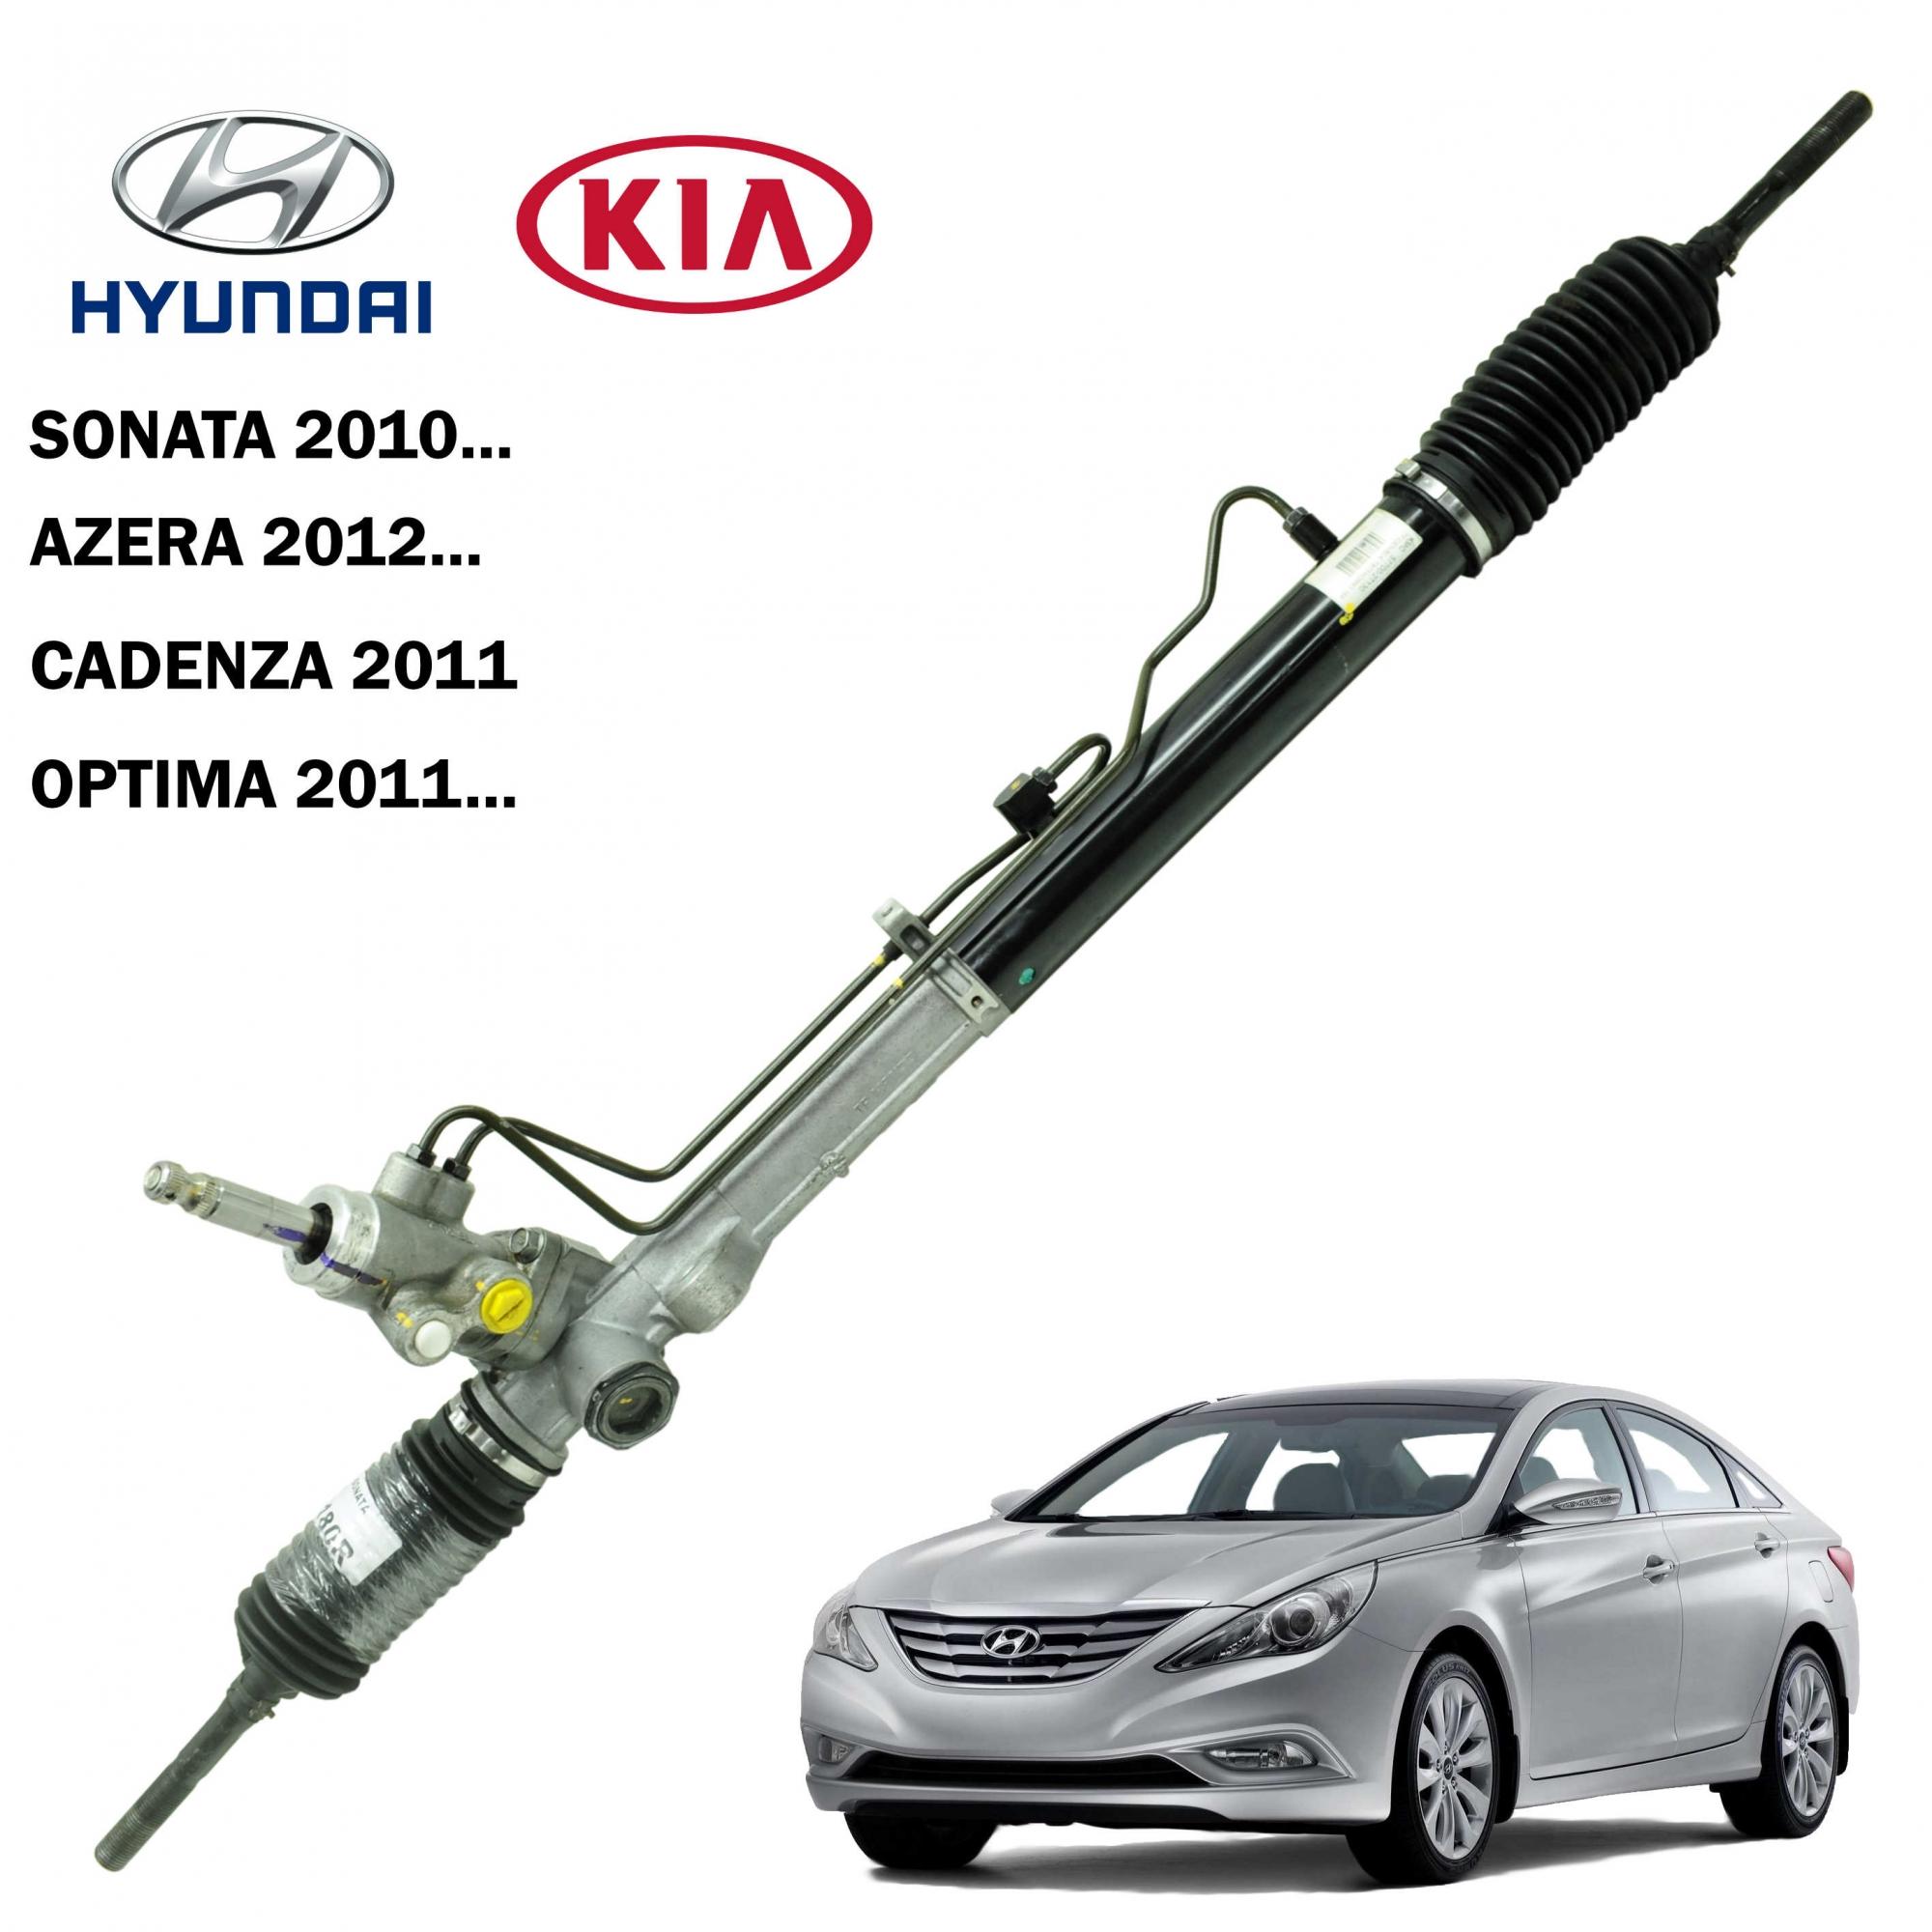 Caixa Direção Hidráulica Sonata 2010..., Azera 2012..., Cadenza 2011..., Optima 2011...